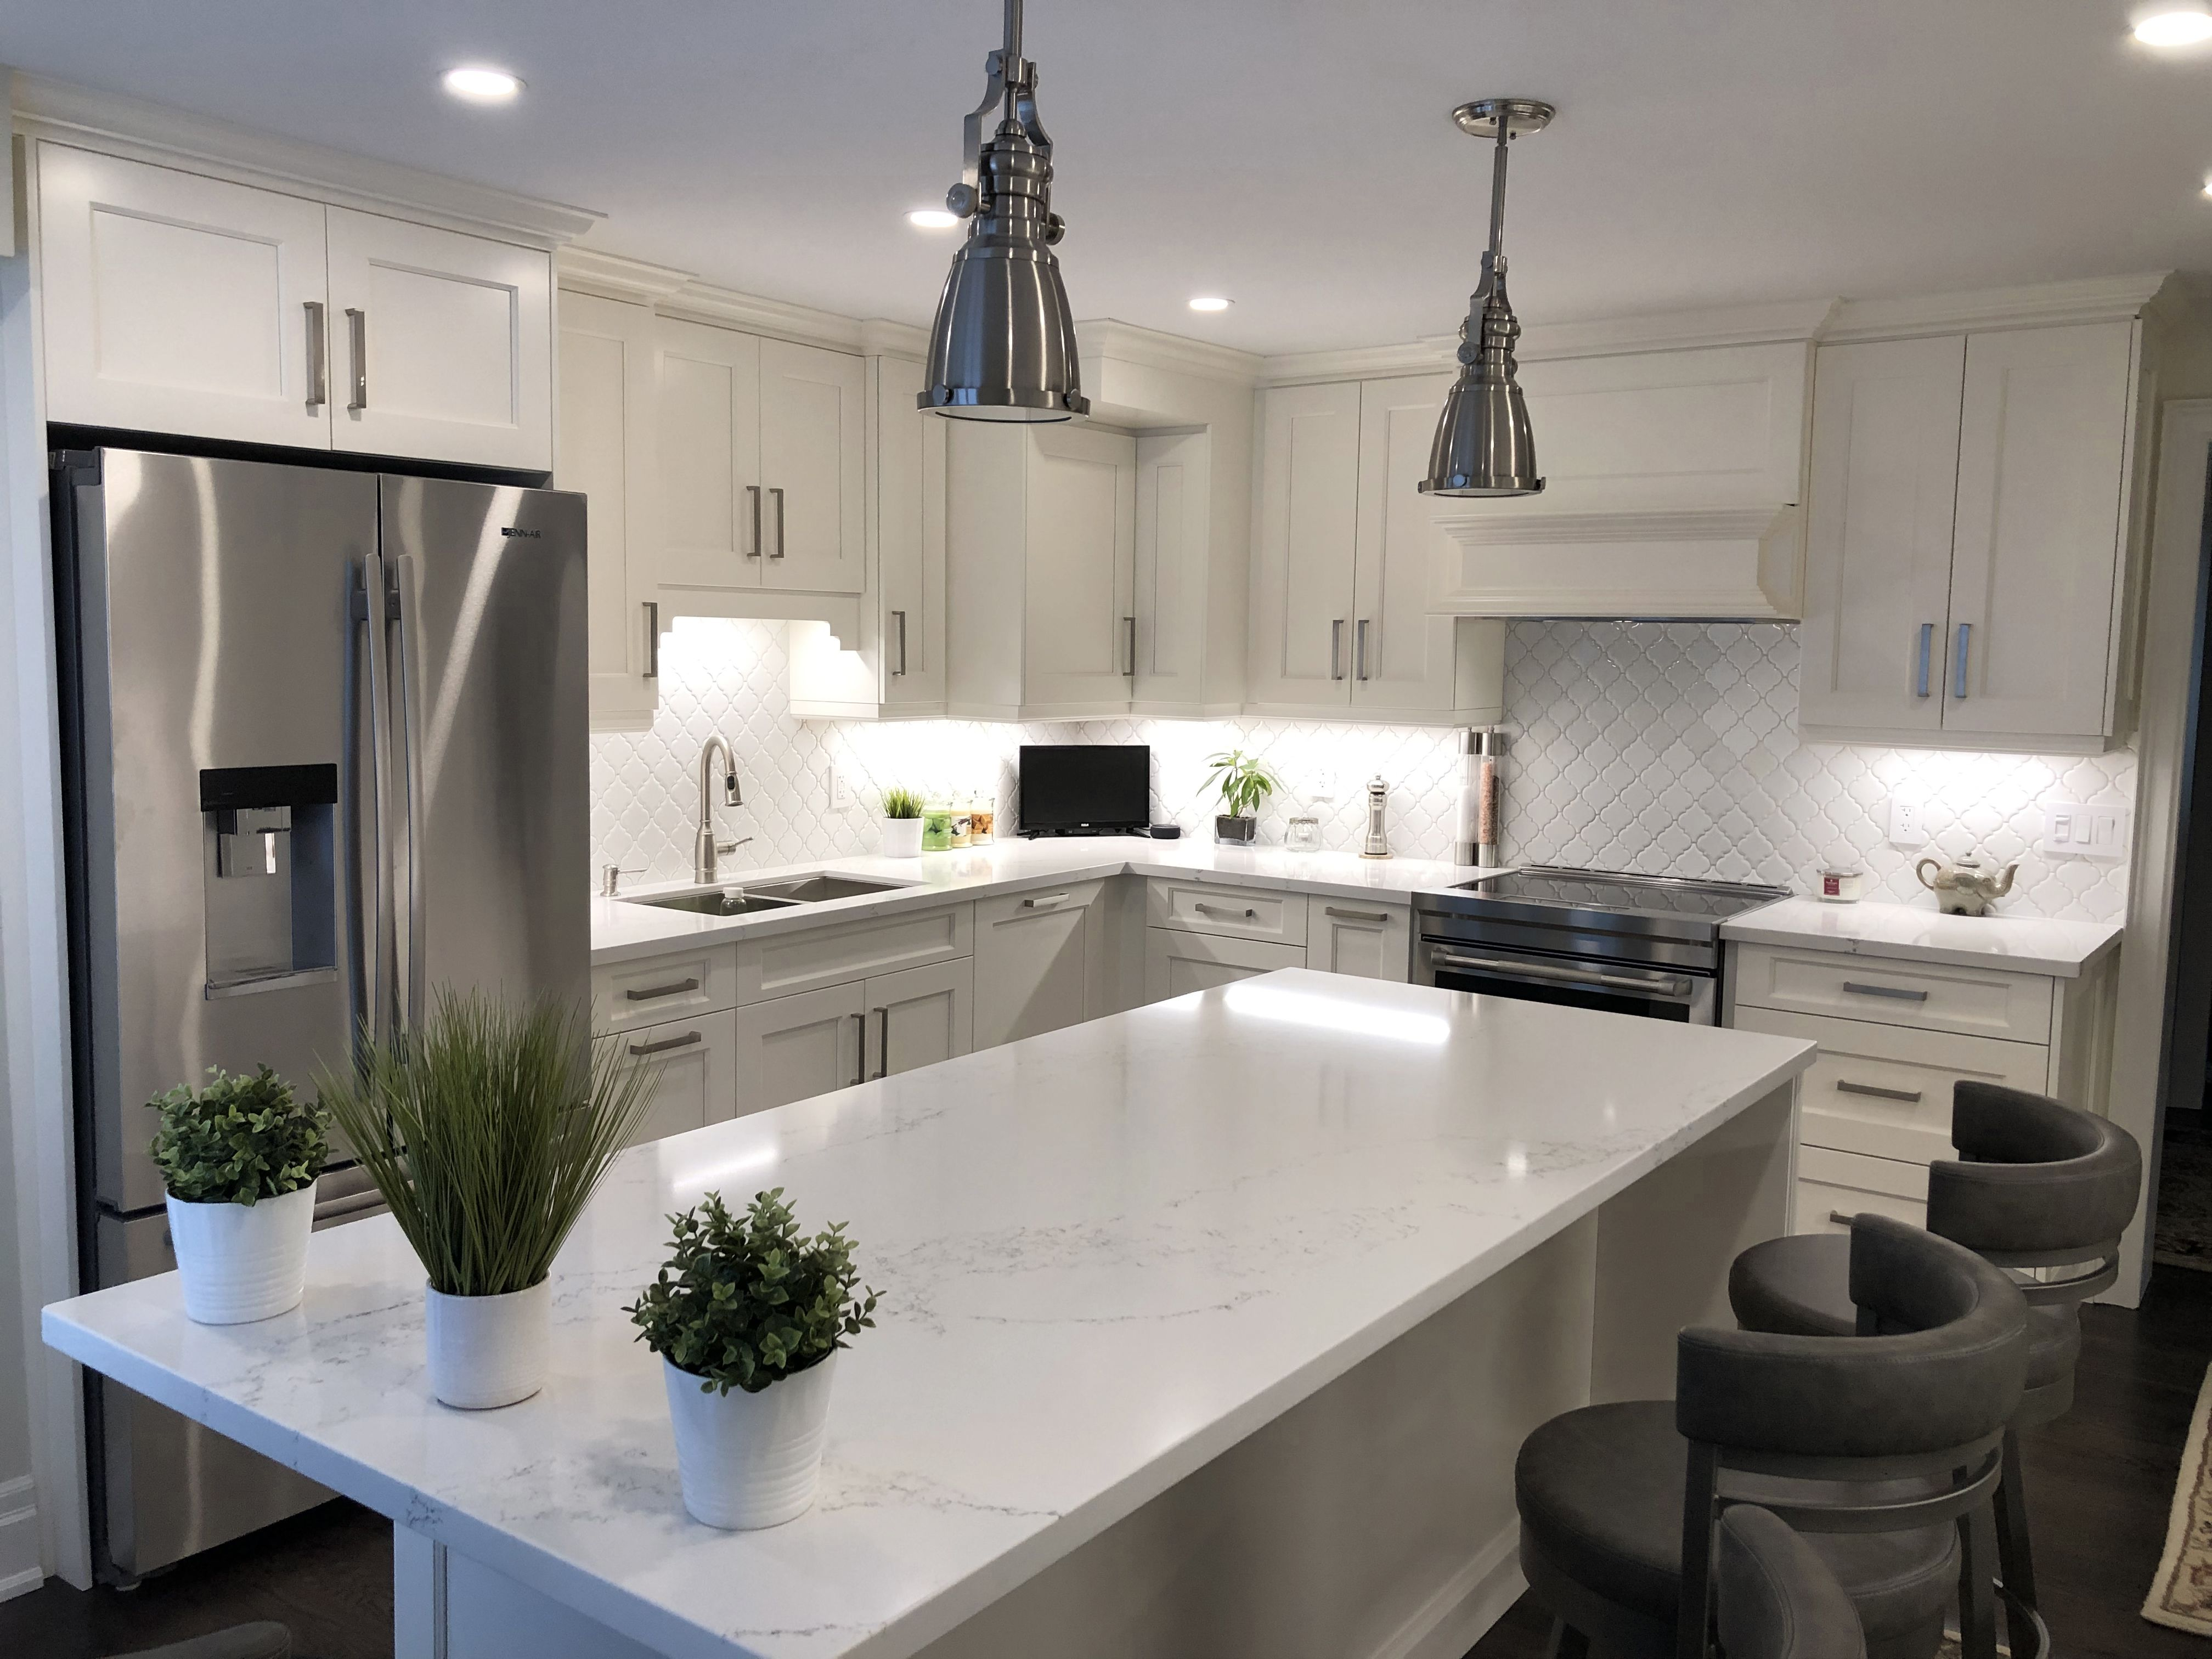 Bright White Transitional Kitchen Interior Design Kitchen White Shaker Kitchen Shaker Style Kitchen Cabinets Medium sized kitchen designs